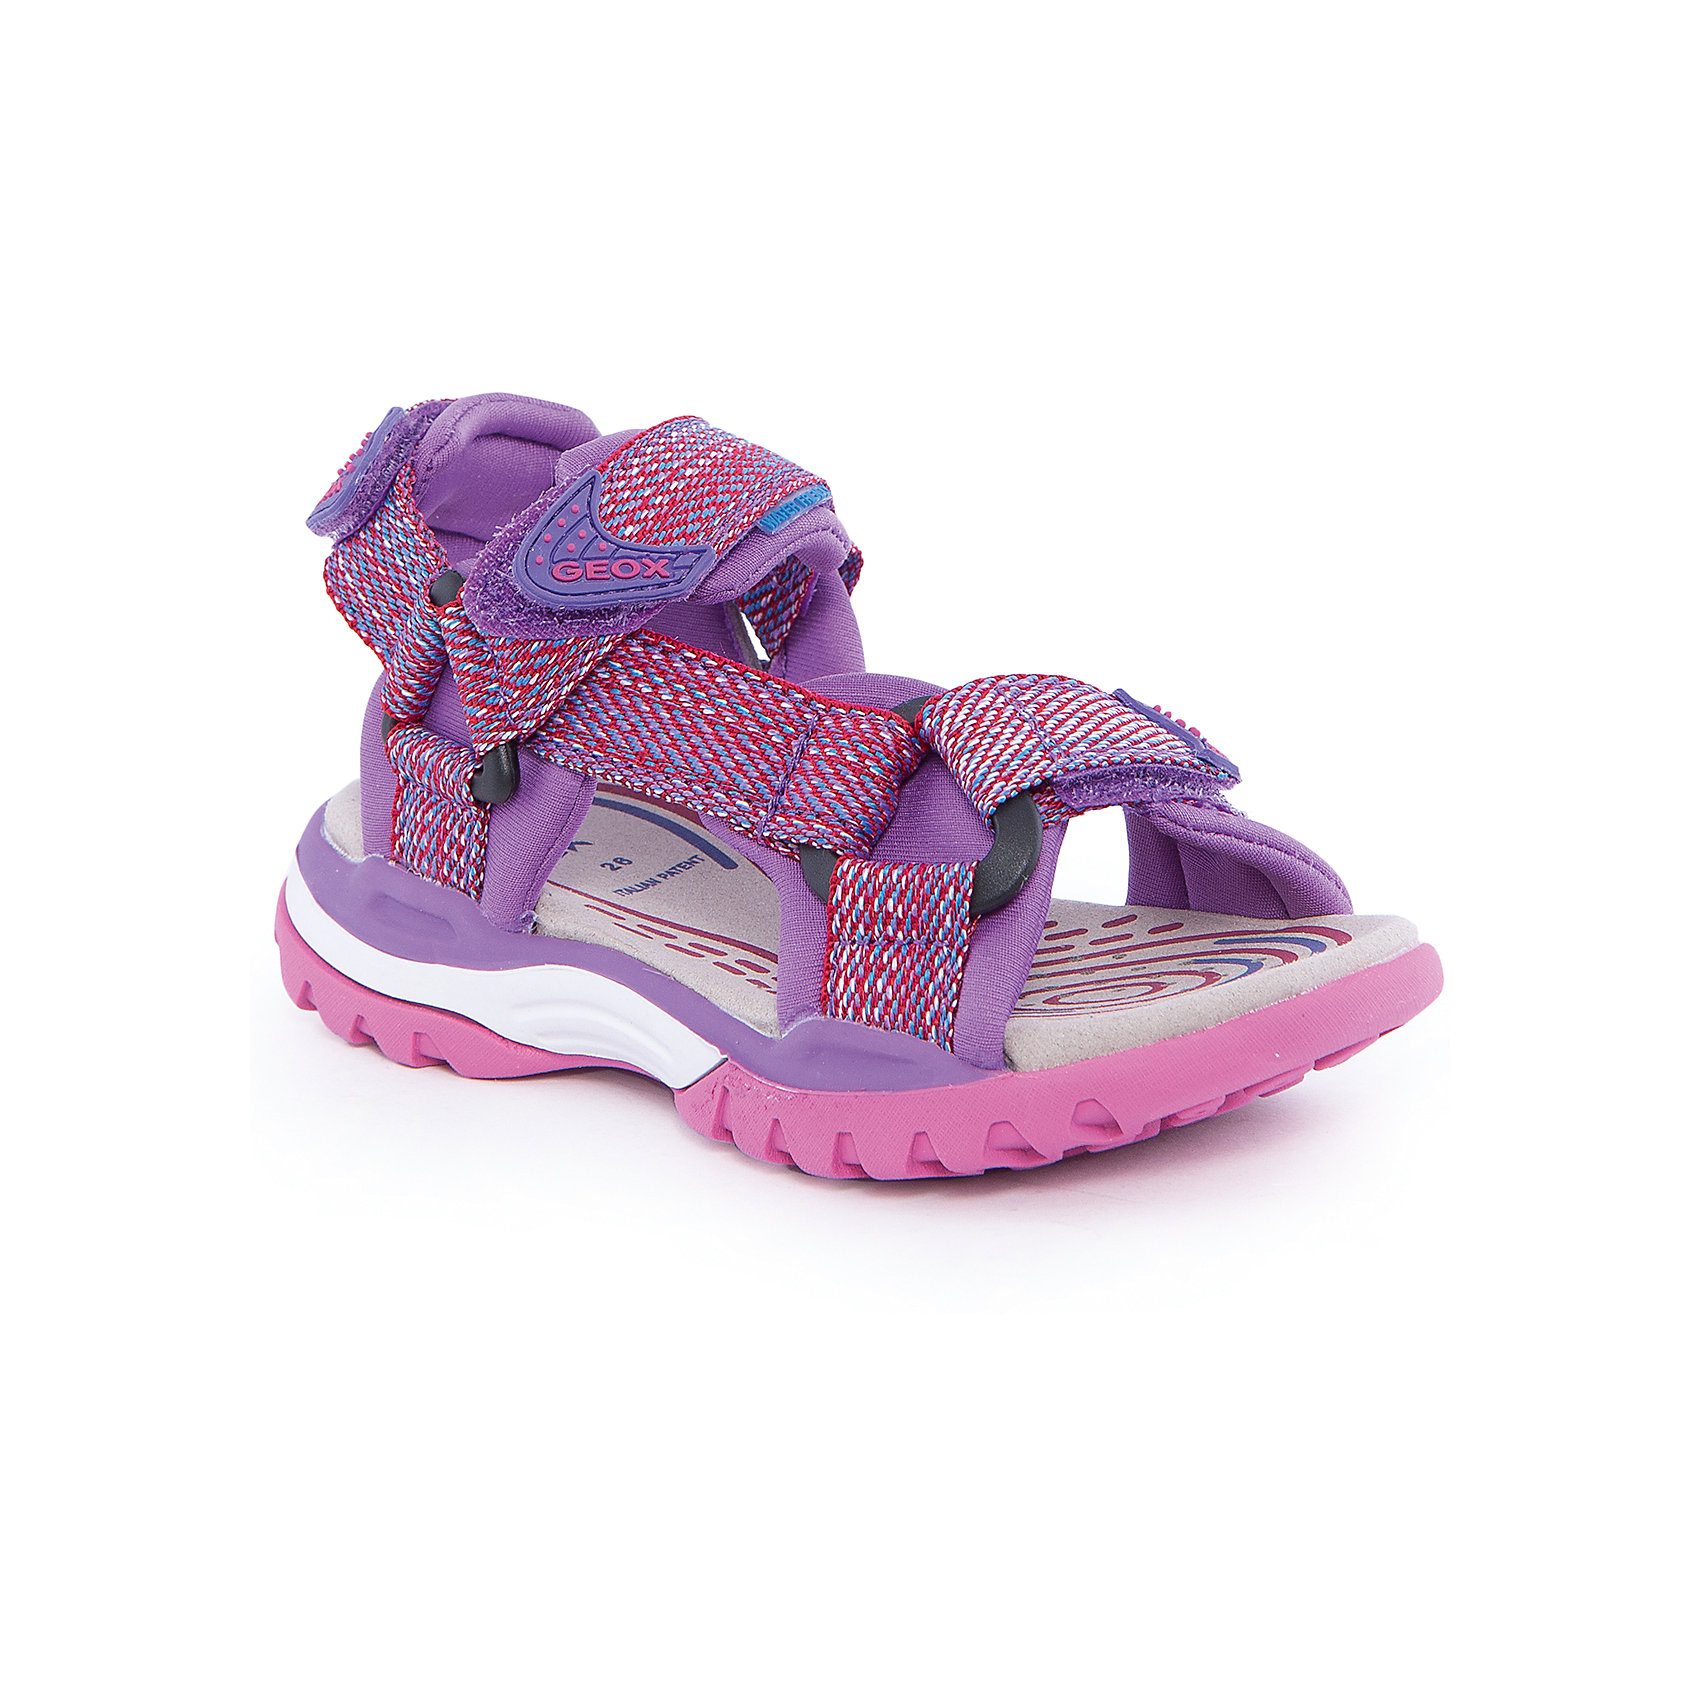 Босоножки для девочки GEOXБосоножки для девочки от популярной марки GEOX (Геокс).<br><br>Модные легкие босоножки - отличная обувь для нового летнего сезона. Эта модель создана специально для девочек, она очень стильно и оригинально смотрится.<br>Производитель обуви заботится не только о внешнем виде, но и стабильно высоком качестве продукции. GEOX (Геокс) разработал специальную высокотехнологичную стельку. Вся обувь делается только из качественных и надежных материалов.<br><br>Отличительные особенности модели:<br><br>- цвет: розовый;<br>- декорирована яркой тесьмой;<br>- гибкая прочная подошва;<br>- мягкий и легкий верх;<br>- защита пальцев;<br>- стильный дизайн;<br>- анатомическая стелька;<br>- удобные застежки - липучки;<br>- комфортное облегание.<br><br>Дополнительная информация:<br><br>- Сезон: весна/лето.<br><br>- Состав:<br><br>материал верха: текстиль;<br>подошва: 100% резина.<br><br>Босоножки для девочки GEOX (Геокс) можно купить в нашем магазине.<br><br>Ширина мм: 219<br>Глубина мм: 154<br>Высота мм: 121<br>Вес г: 343<br>Цвет: розовый<br>Возраст от месяцев: 24<br>Возраст до месяцев: 36<br>Пол: Женский<br>Возраст: Детский<br>Размер: 32,35,31,26,28,36,27,29,30,33,34<br>SKU: 4519041